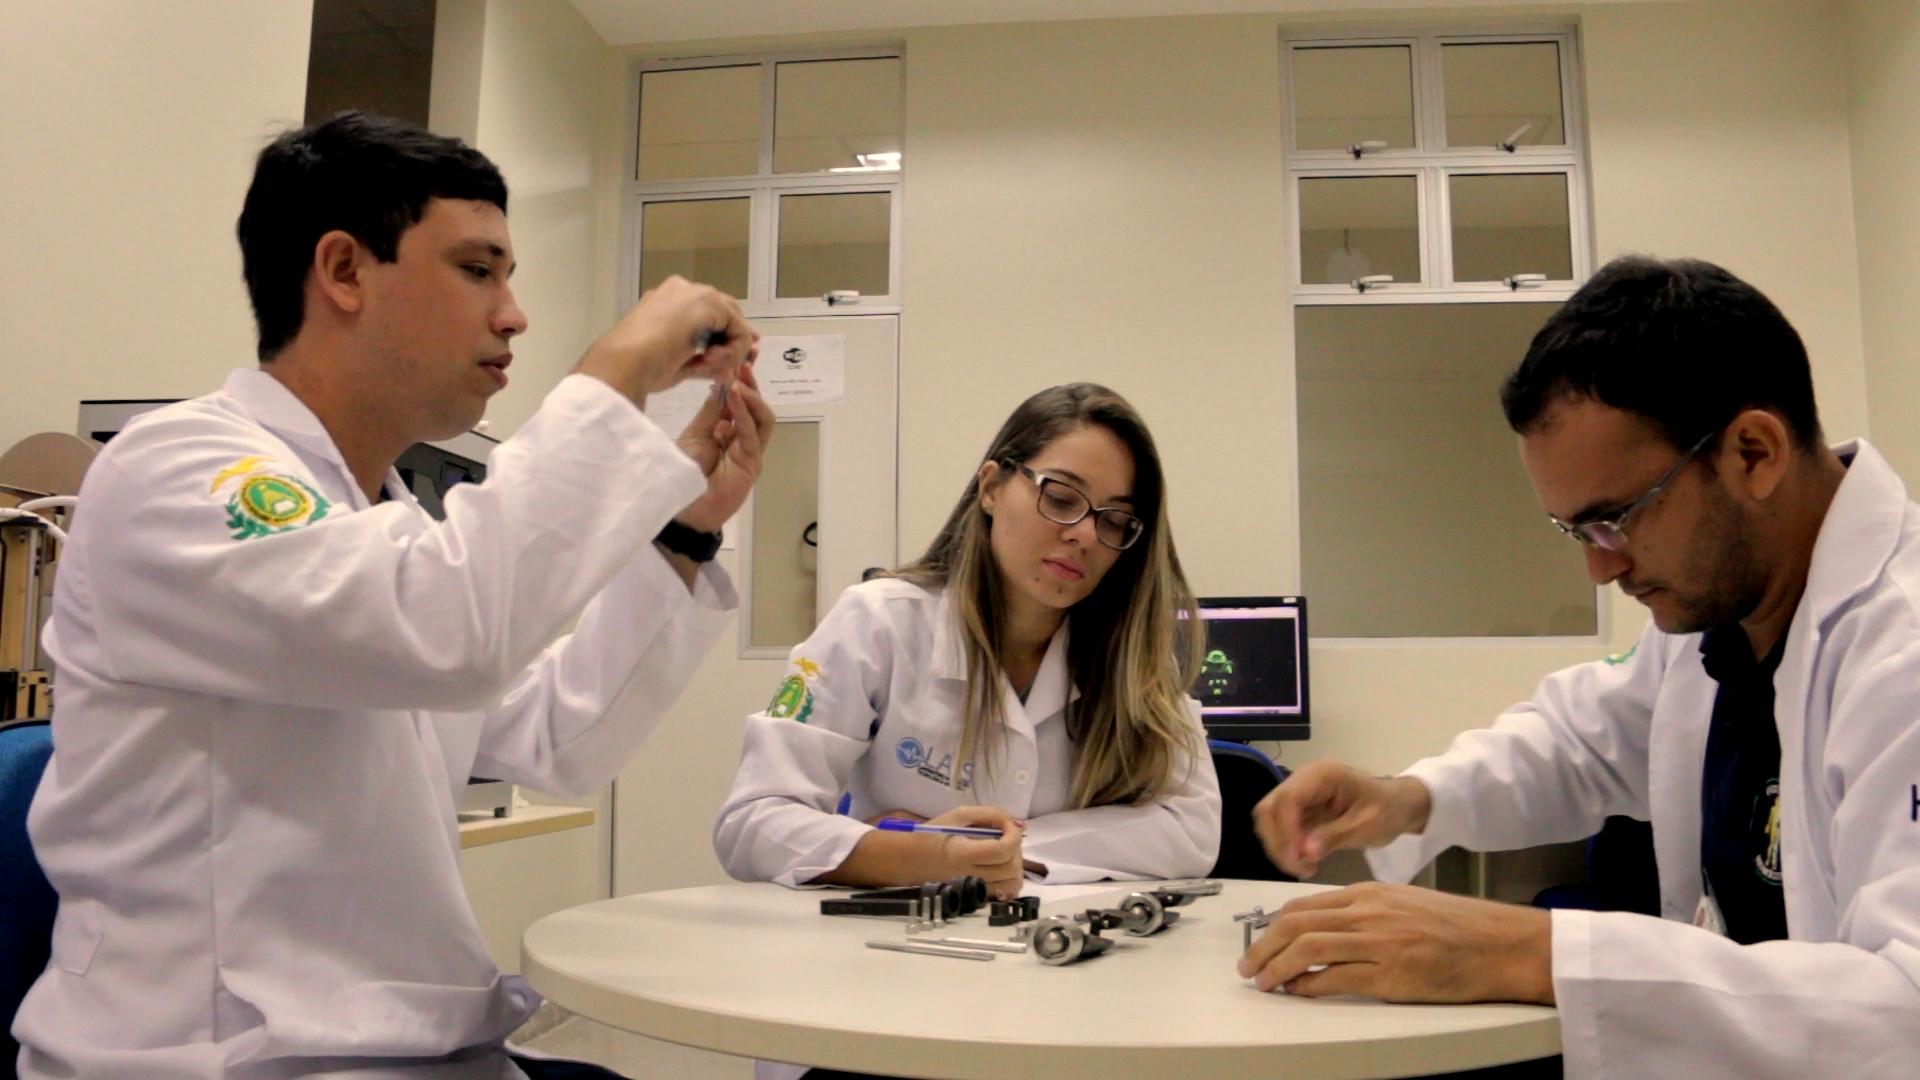 Pesquisa, Ciência e Tecnologia em Saúde